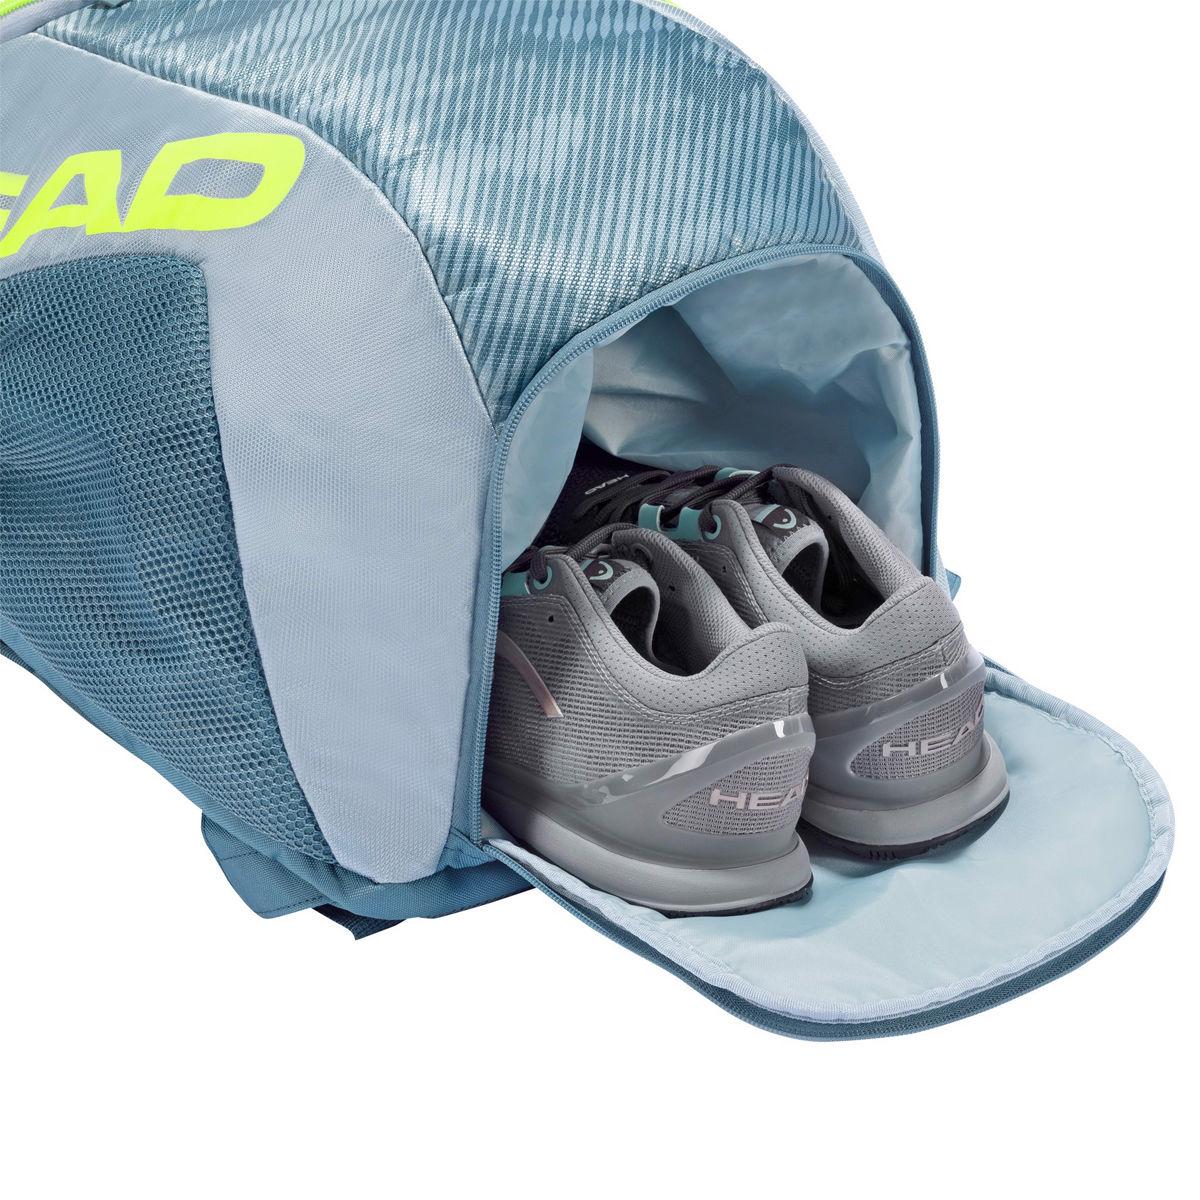 Balo tennis Head Tour Team Extreme